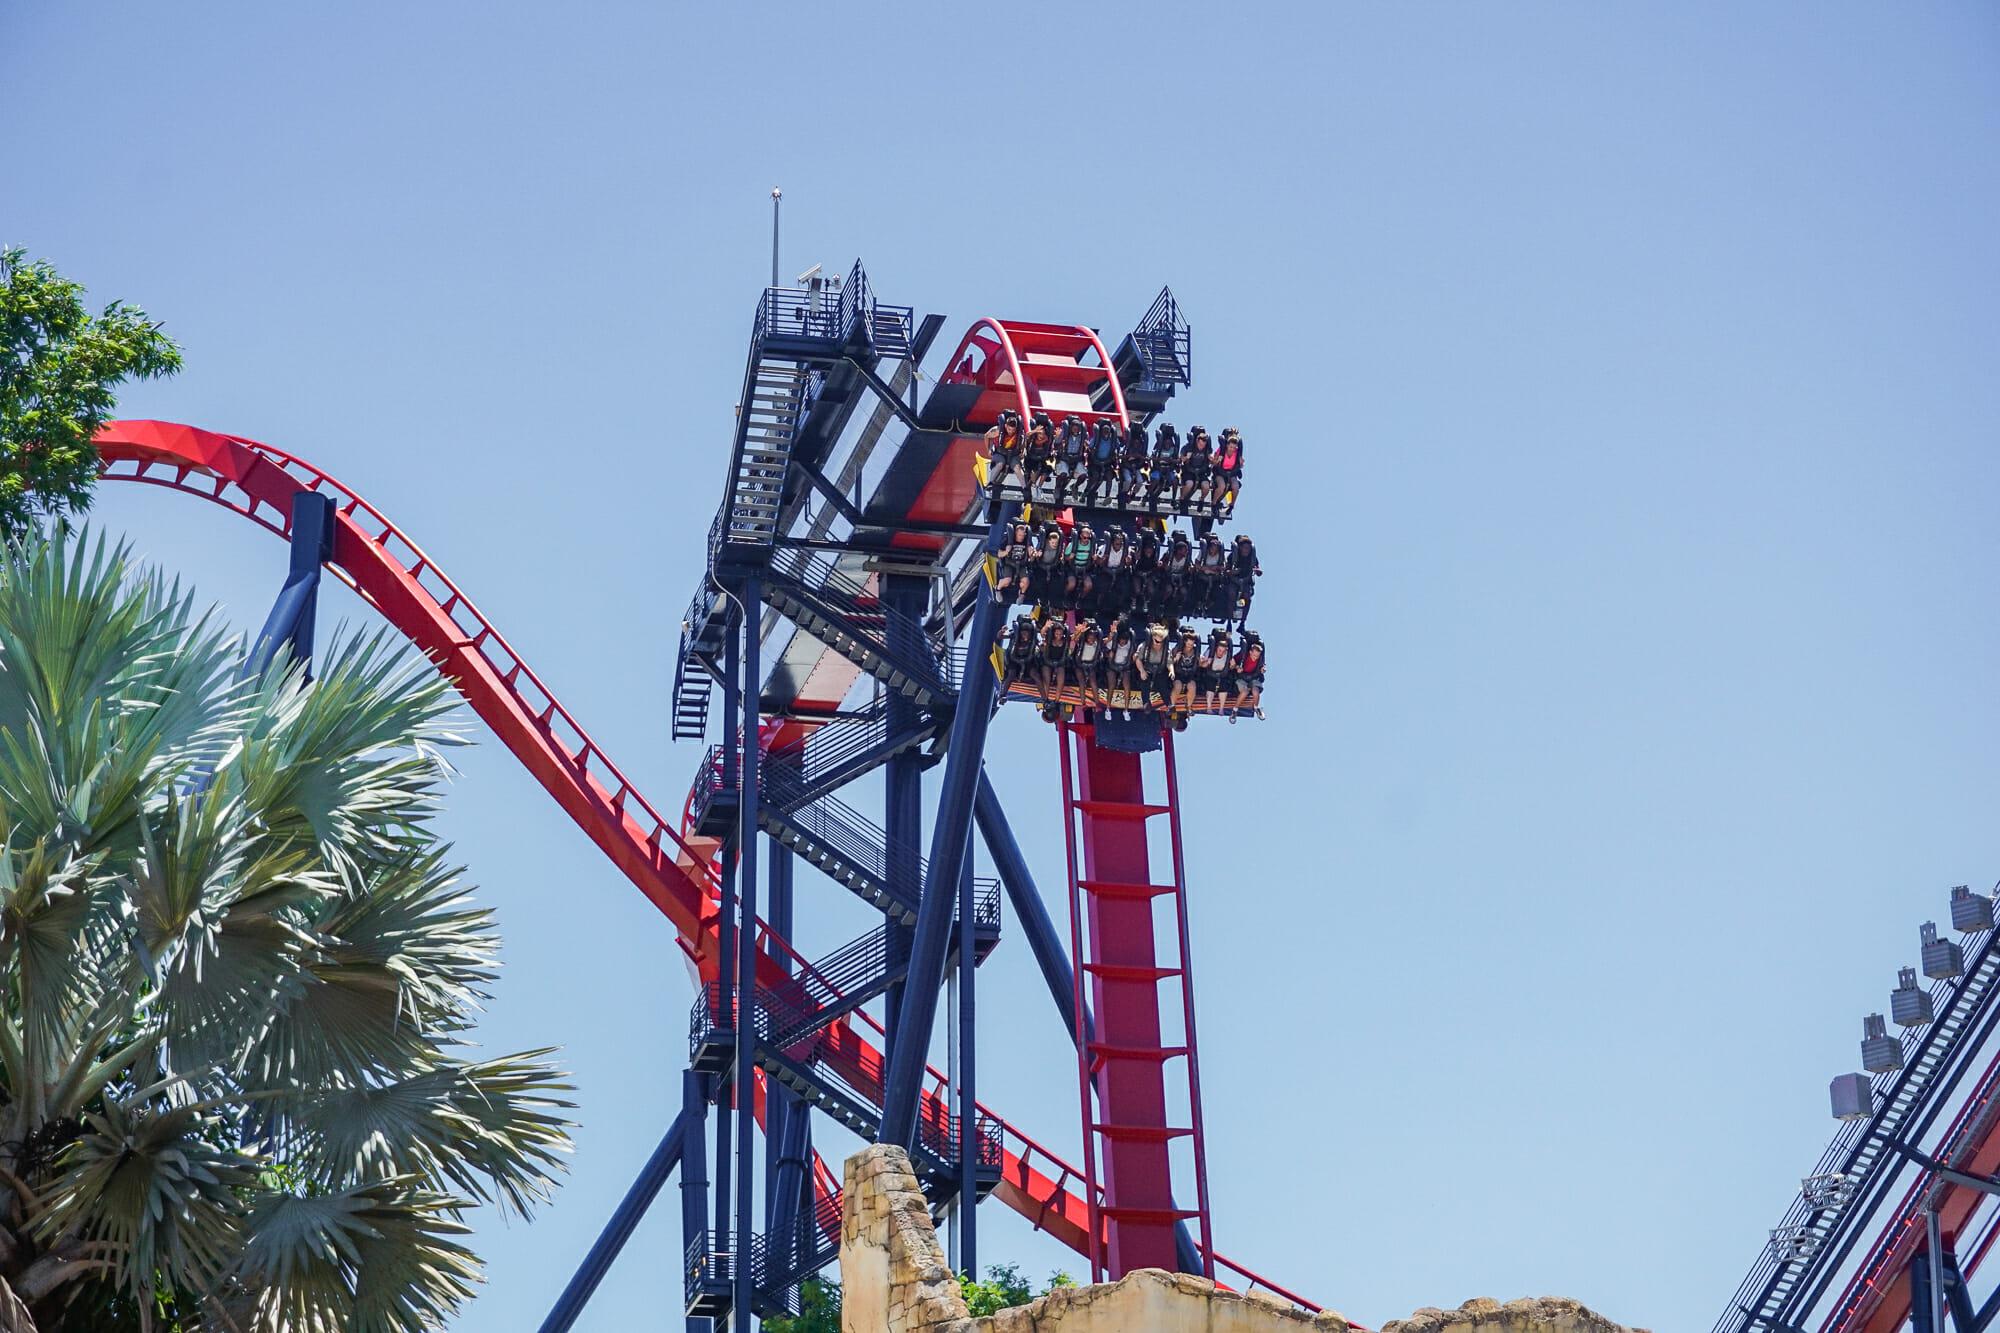 Foto da montanha-russa Sheikra, do Busch Gardens. O carrinho está no alto de um looping, e é possível ver os trilhos curvados e o céu azul ao fundo.